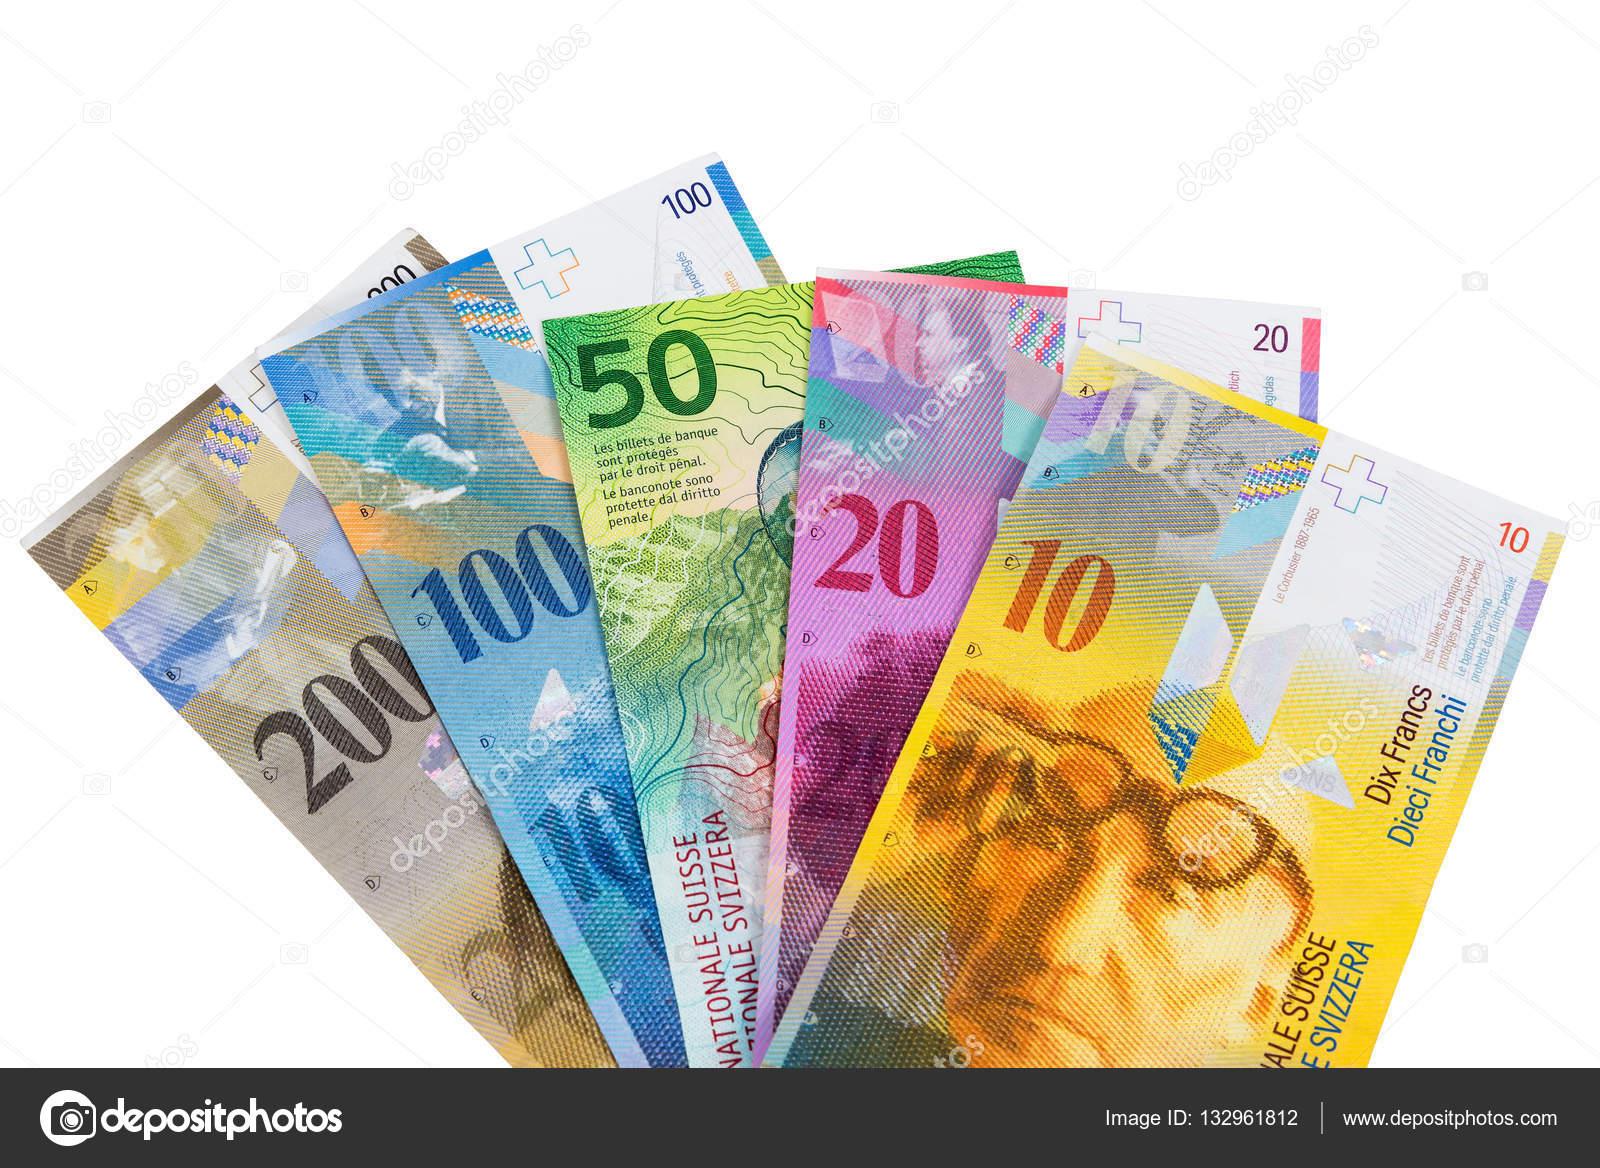 satz von schweizer franken banknoten auf wei em hintergrund stockfoto mkos83 132961812. Black Bedroom Furniture Sets. Home Design Ideas